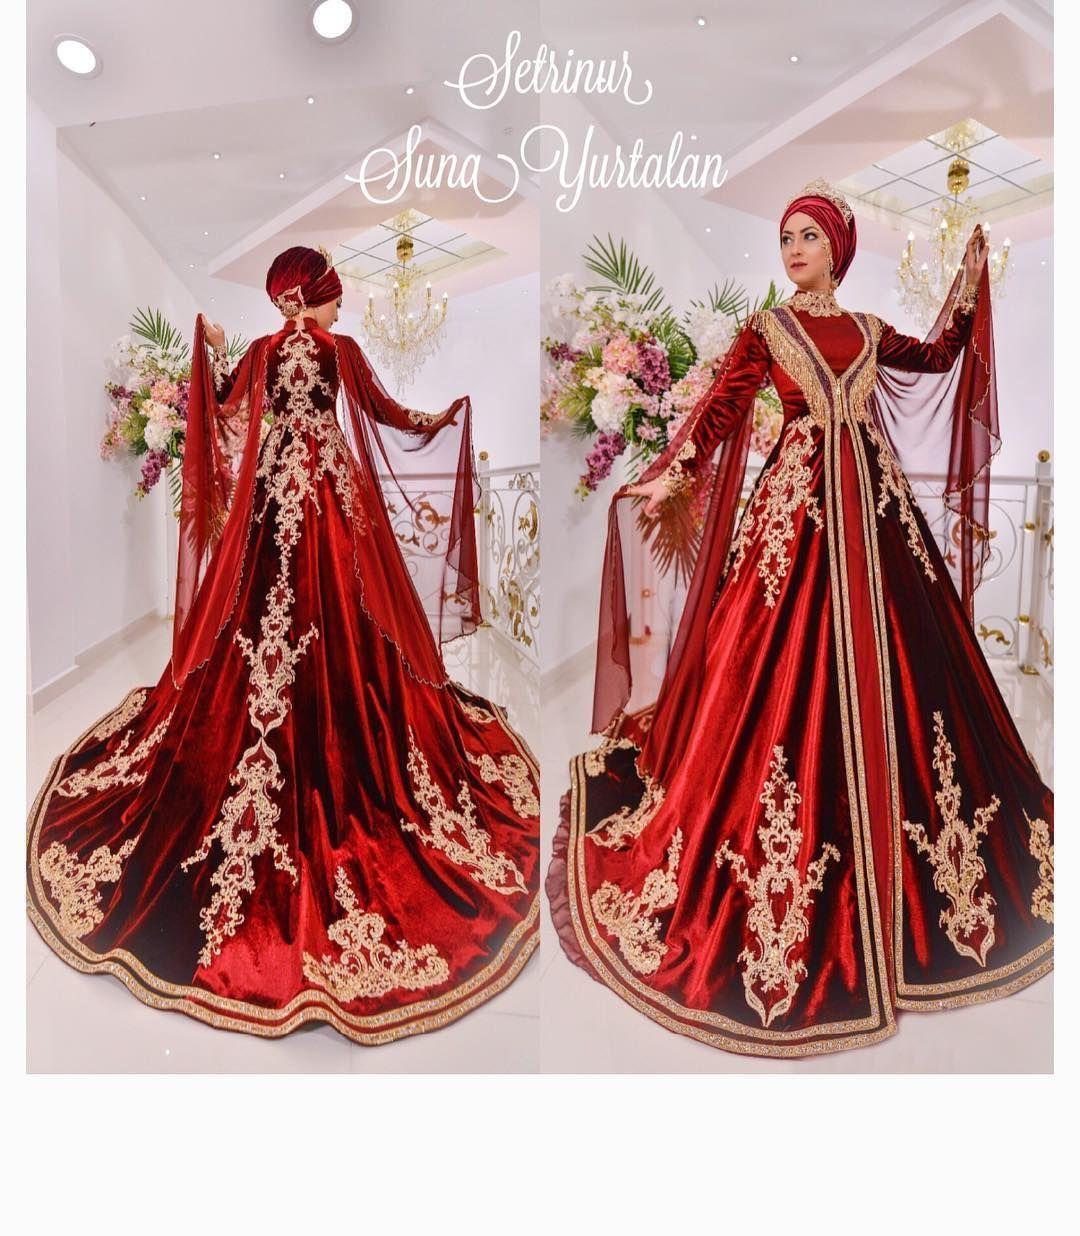 2018 Bindalli Kina Elbisesi Modelleri Tesettur Elbiseleri Tesettur Giyim Tesettur Mayo Sort Modelleri 2020 Giyim Boncuklu Elbiseler Elbise